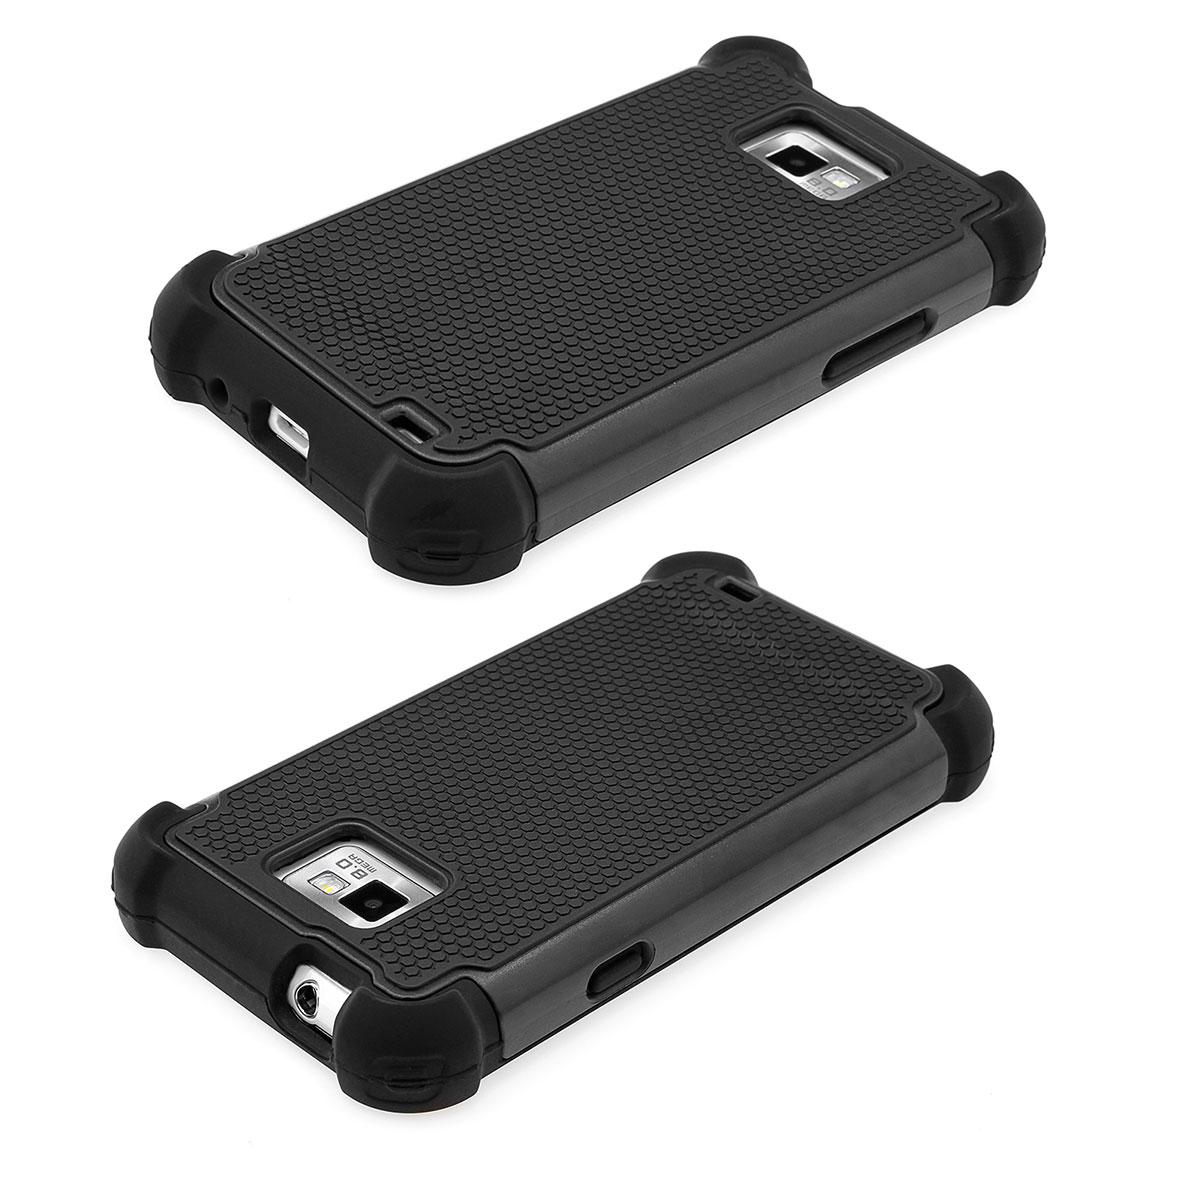 Samsung-Galaxy-S2-i9100-Outdoor-Bumper-Schutz-Huelle-Case-schwarz